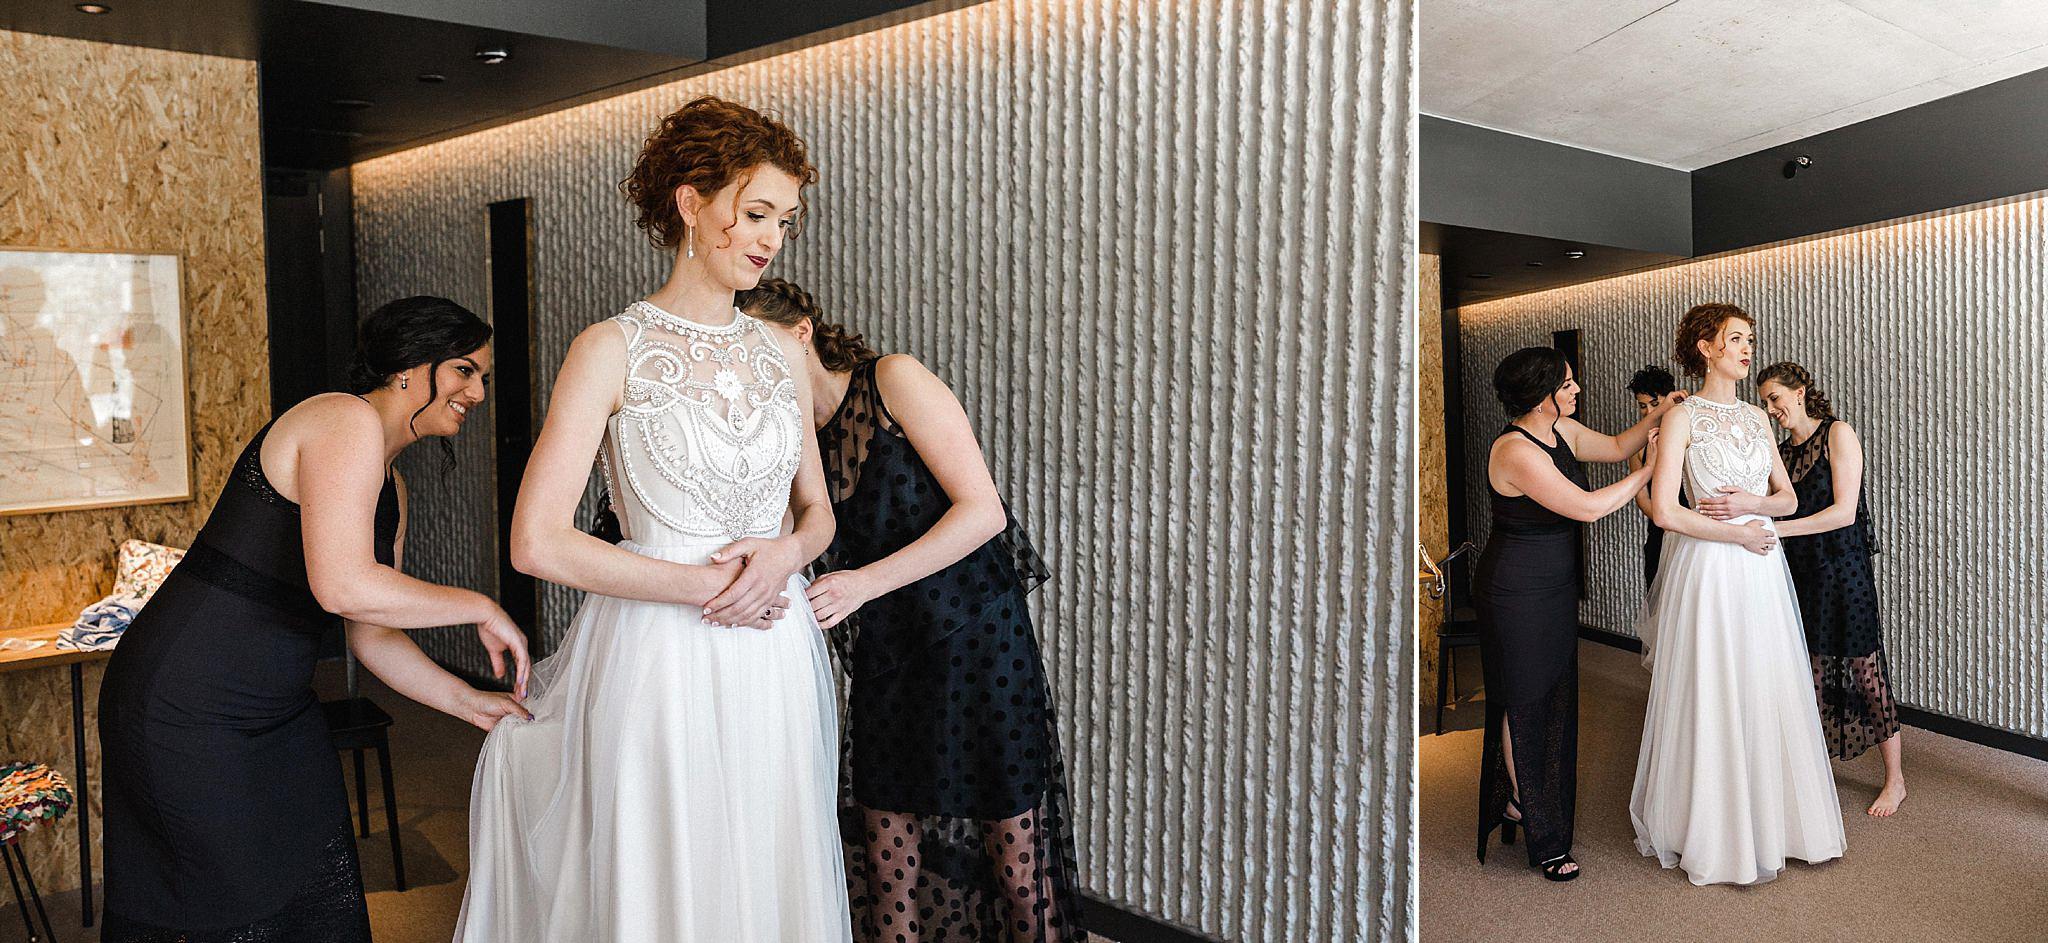 wedding hair stylist canberra